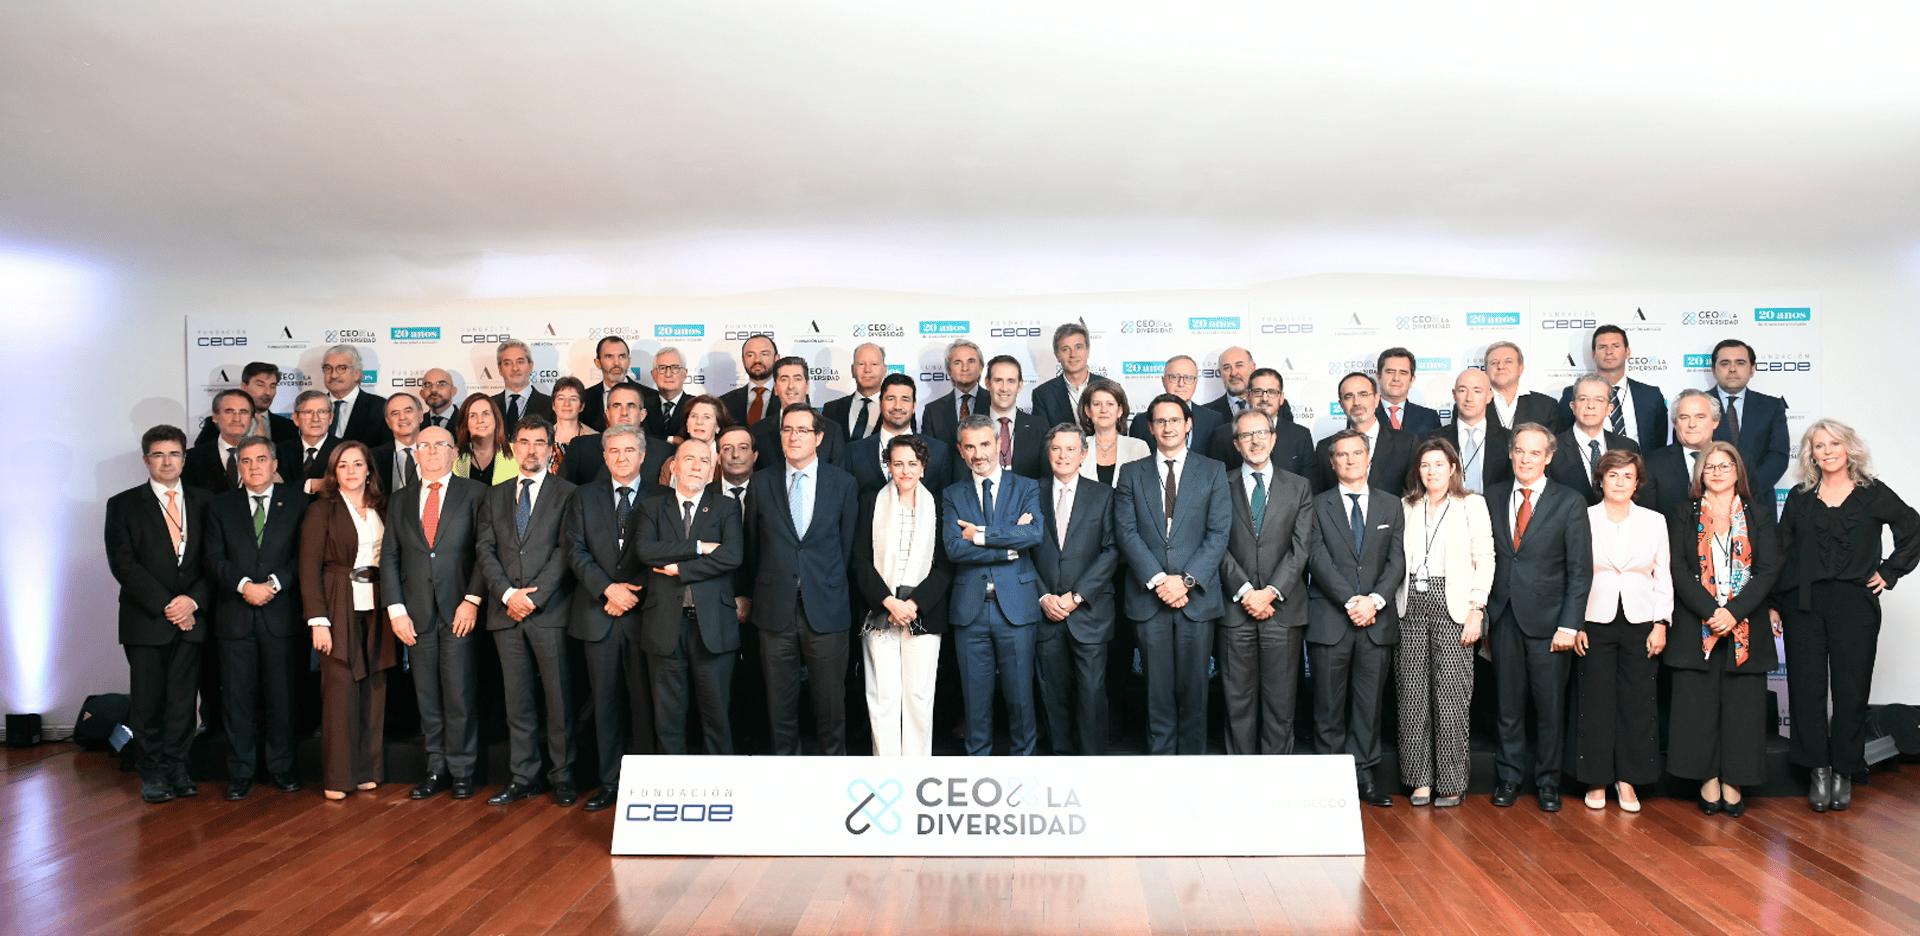 CEO por la diversidad